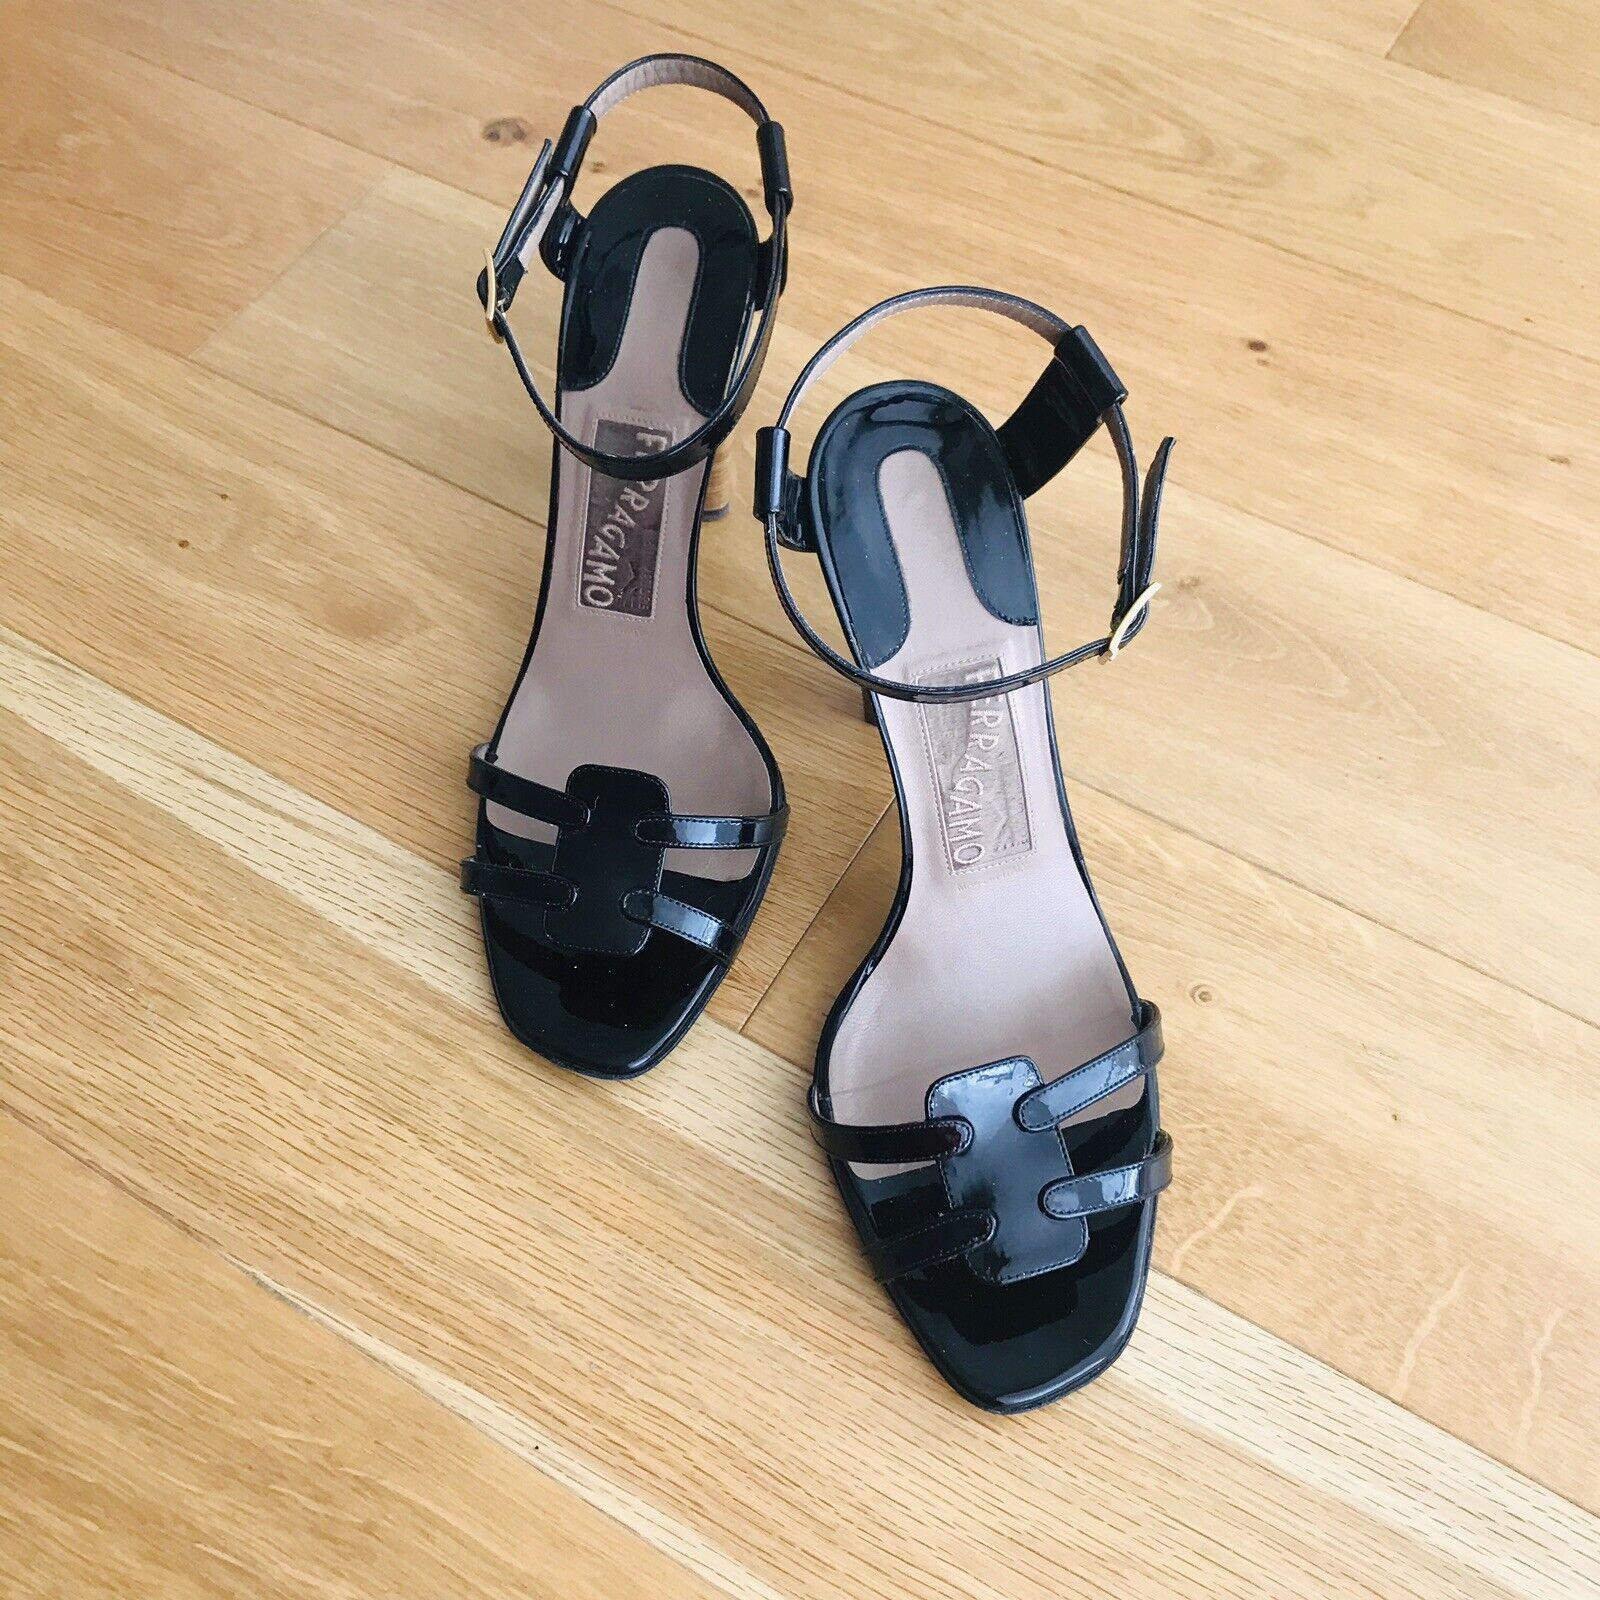 Salvatore Ferragamo Atelier Sandals 40,5